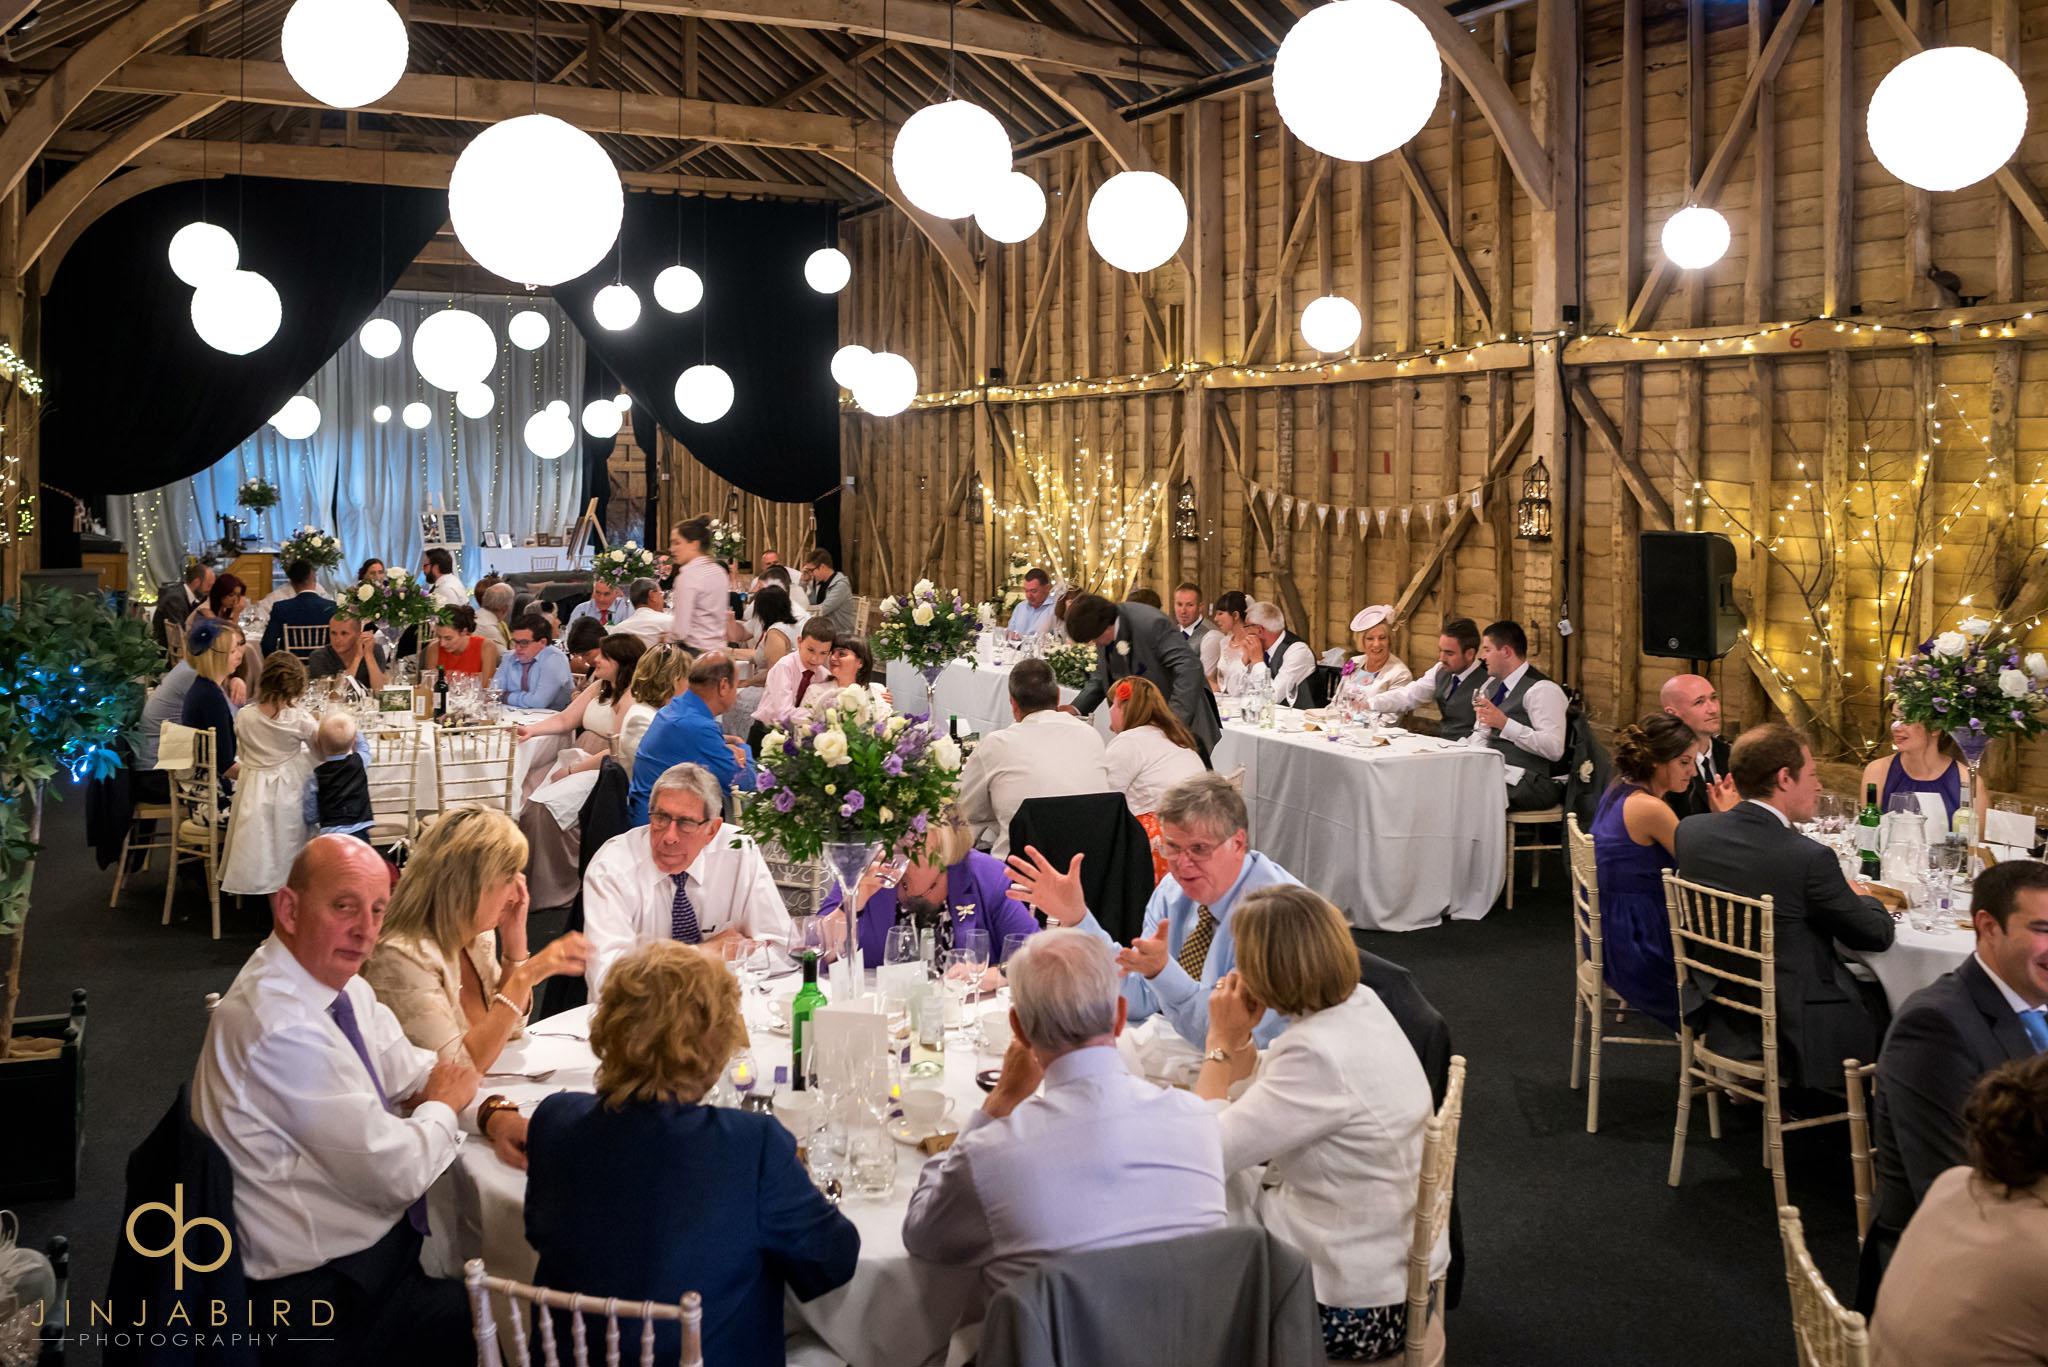 childerley hall wedding breakfast